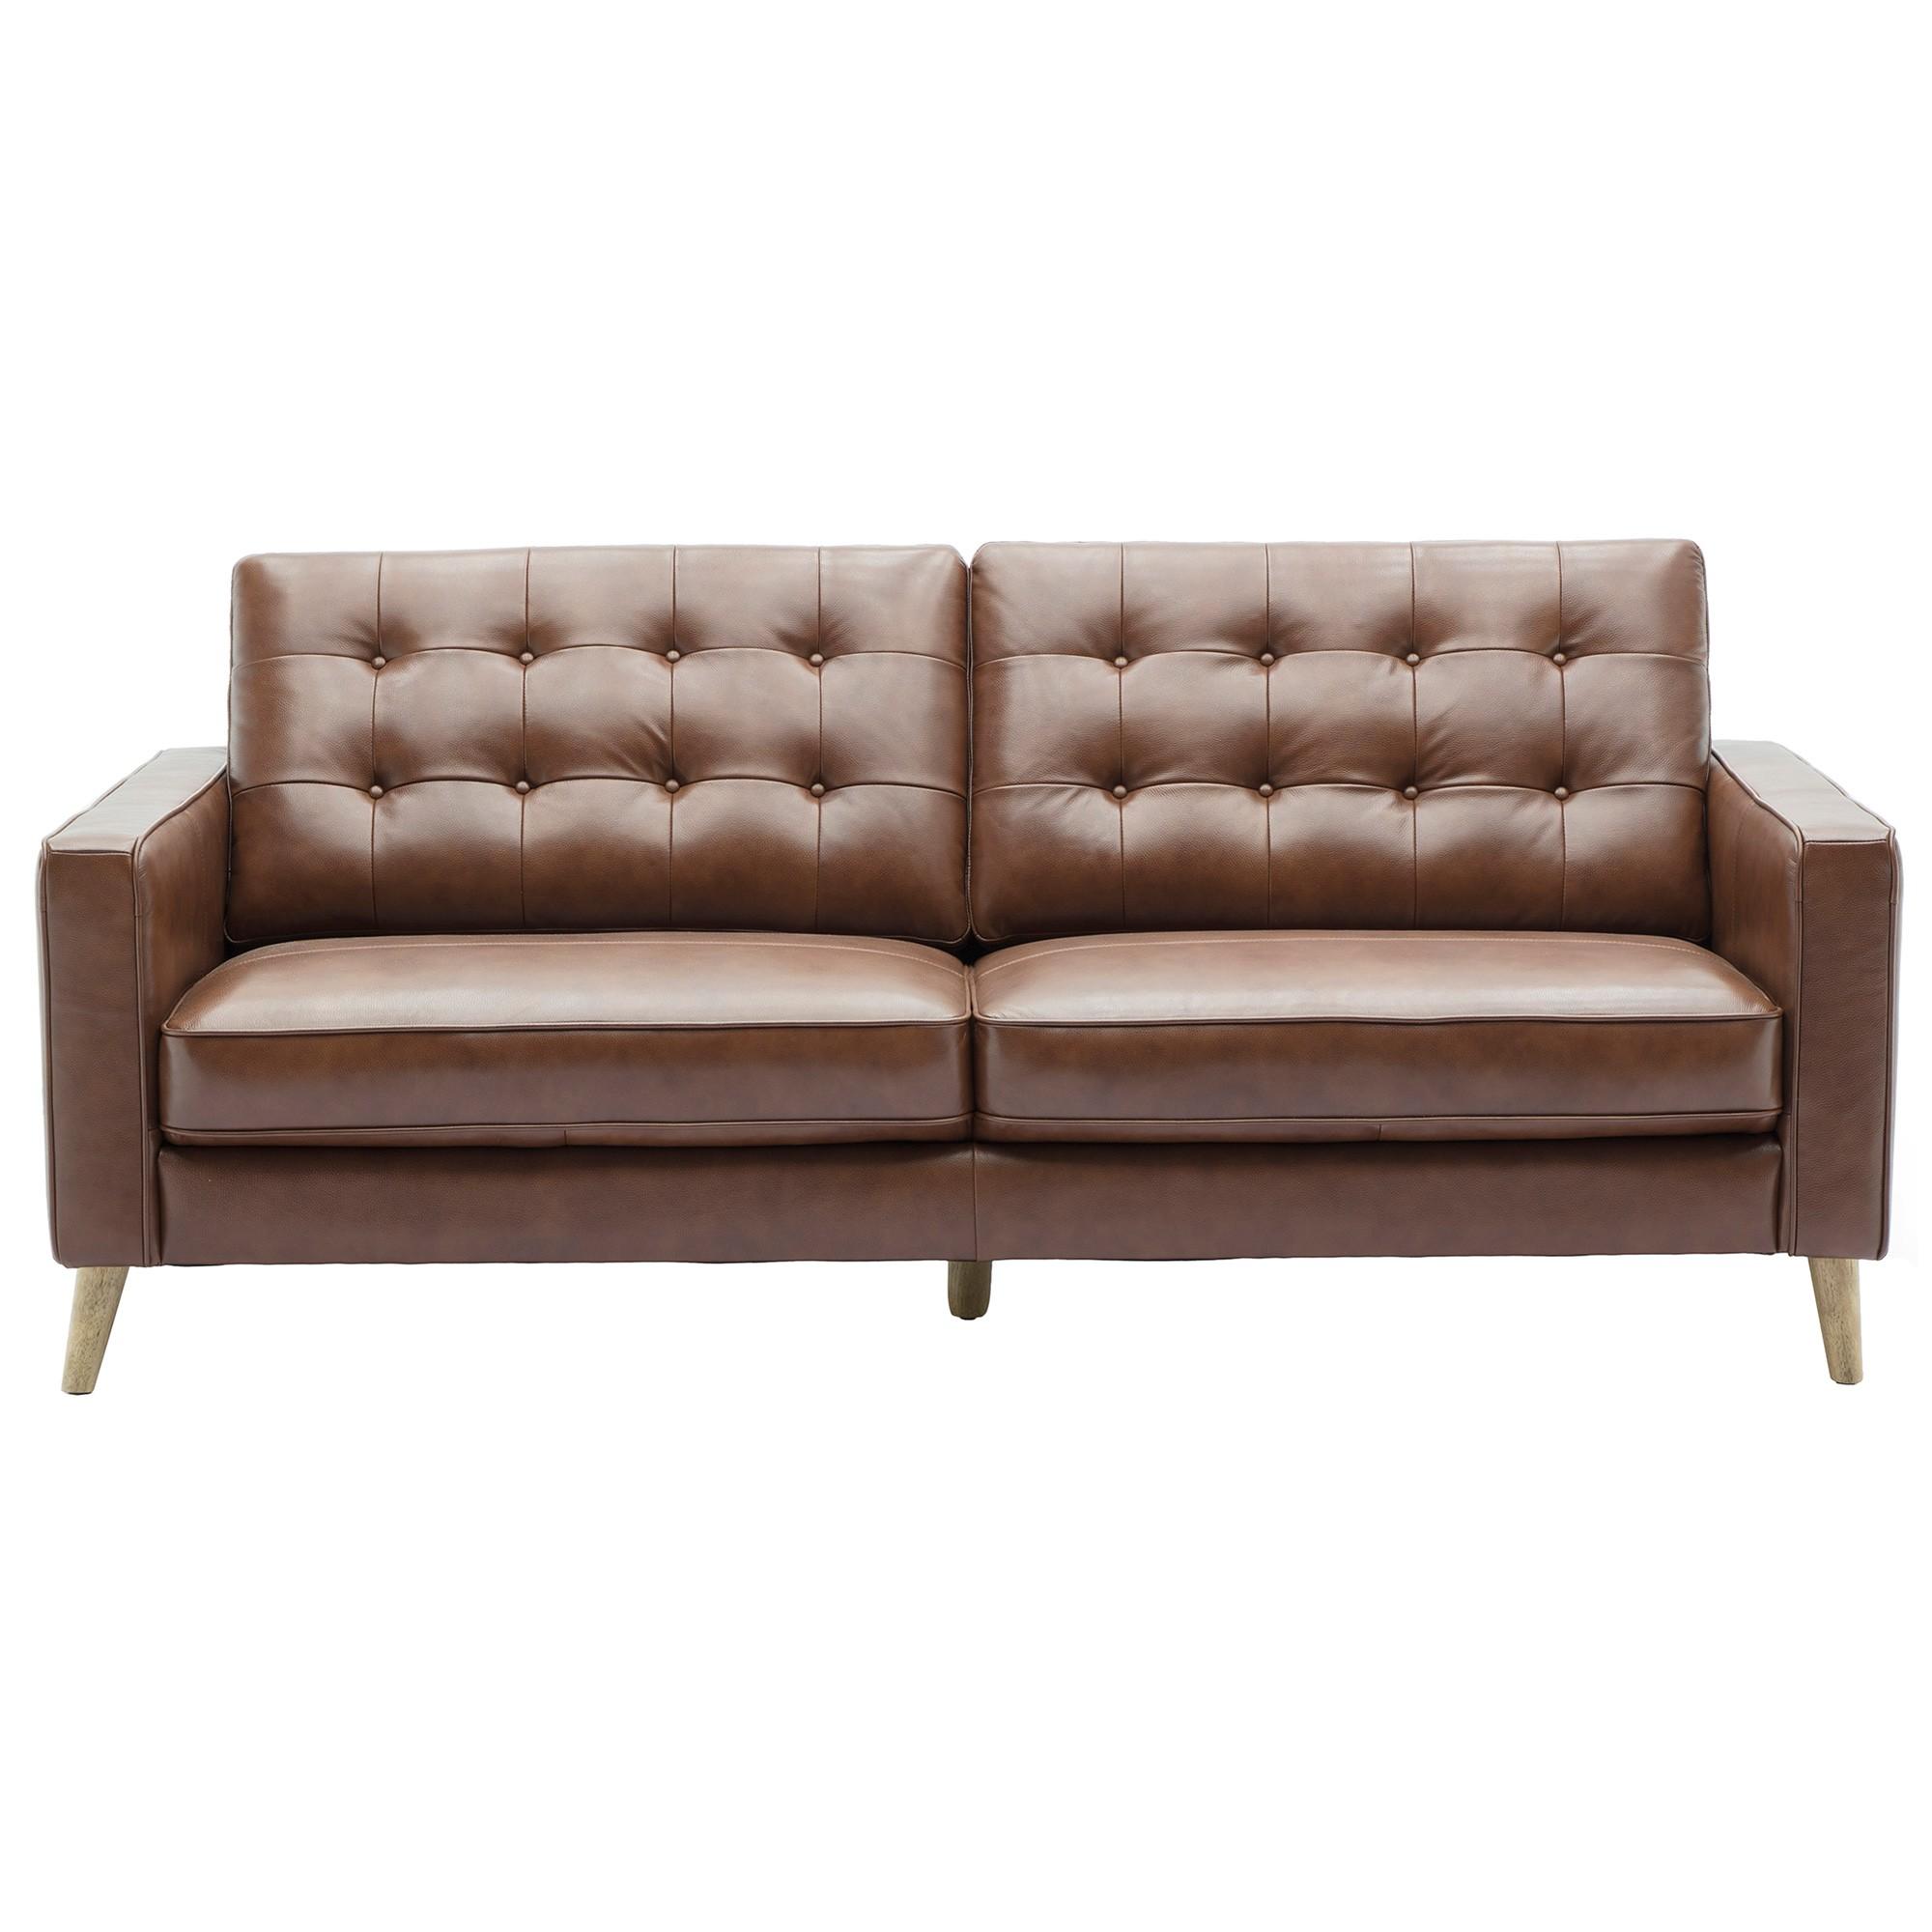 Loretta Leather Sofa, 2.5 Seater